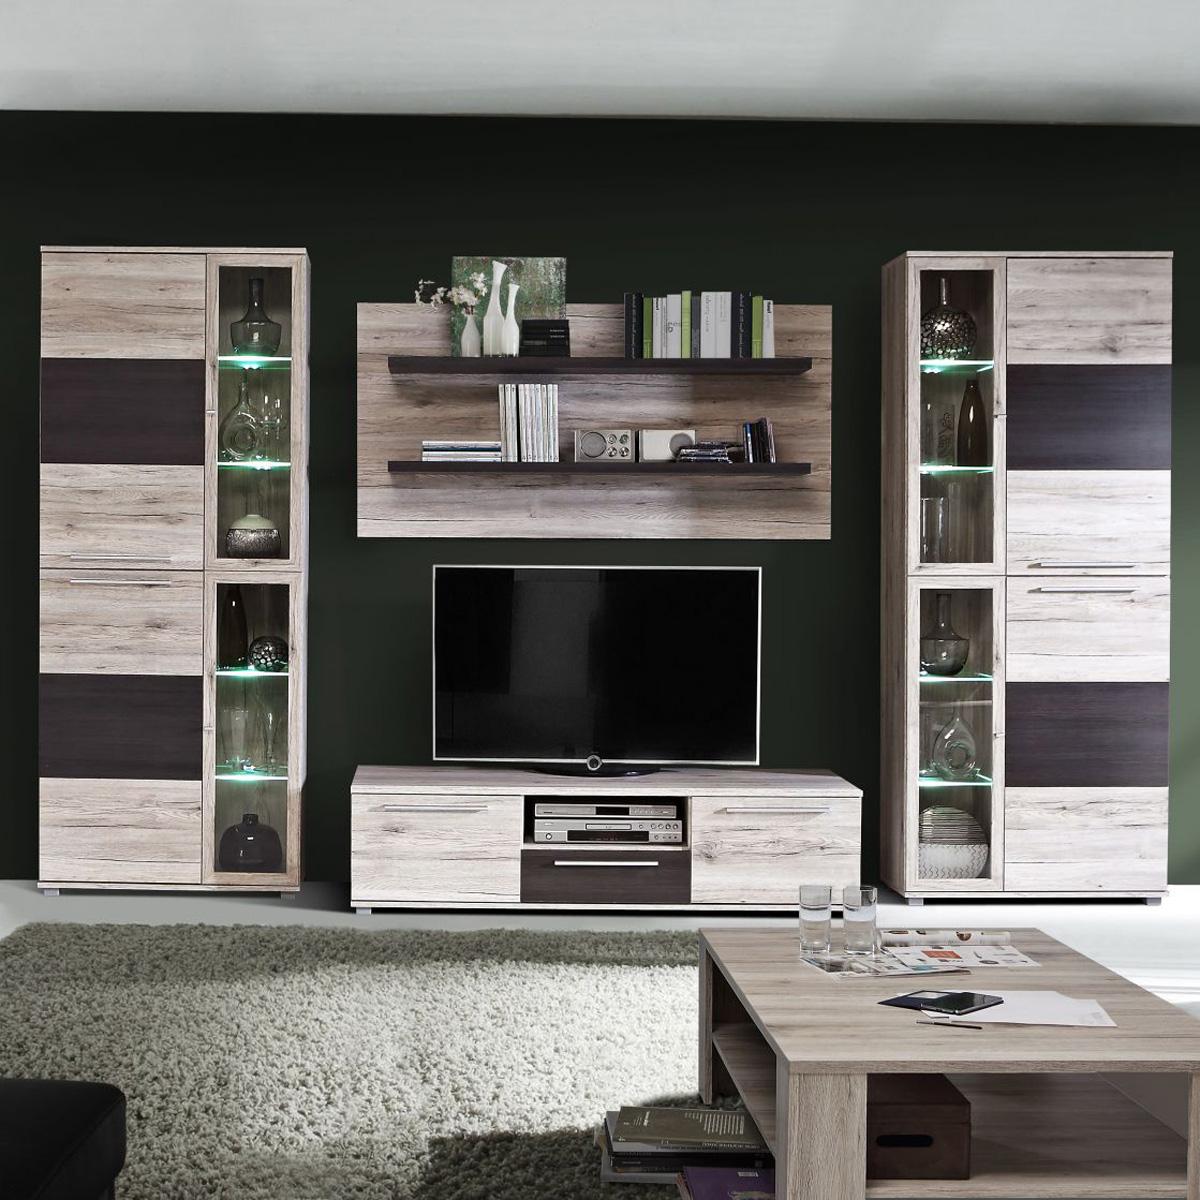 Wohnwände, möbel, möbel & wohnen • 13.605 items   picclick de